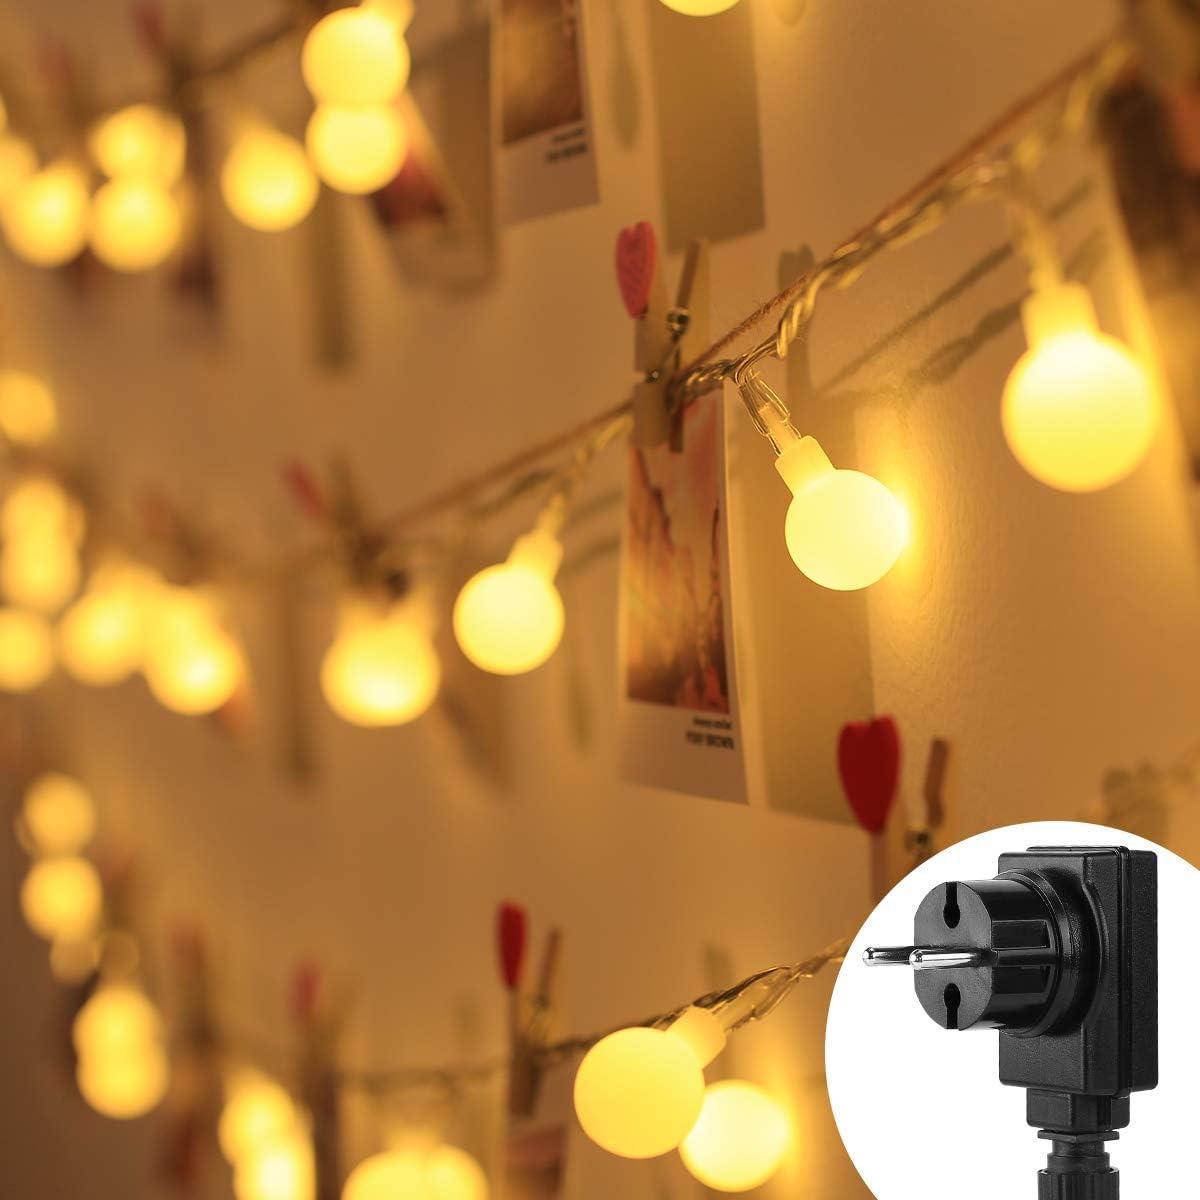 LE Cadena de Luces con Enchufe 10m 100 LED Blanco Cálido 3000K Guirnalda de Luces Impermeable 8 Modos Luz Guirnaldas Luminosas Decorativas para Exterior y Interior, Jardines, Boda, Arbol de Navidad